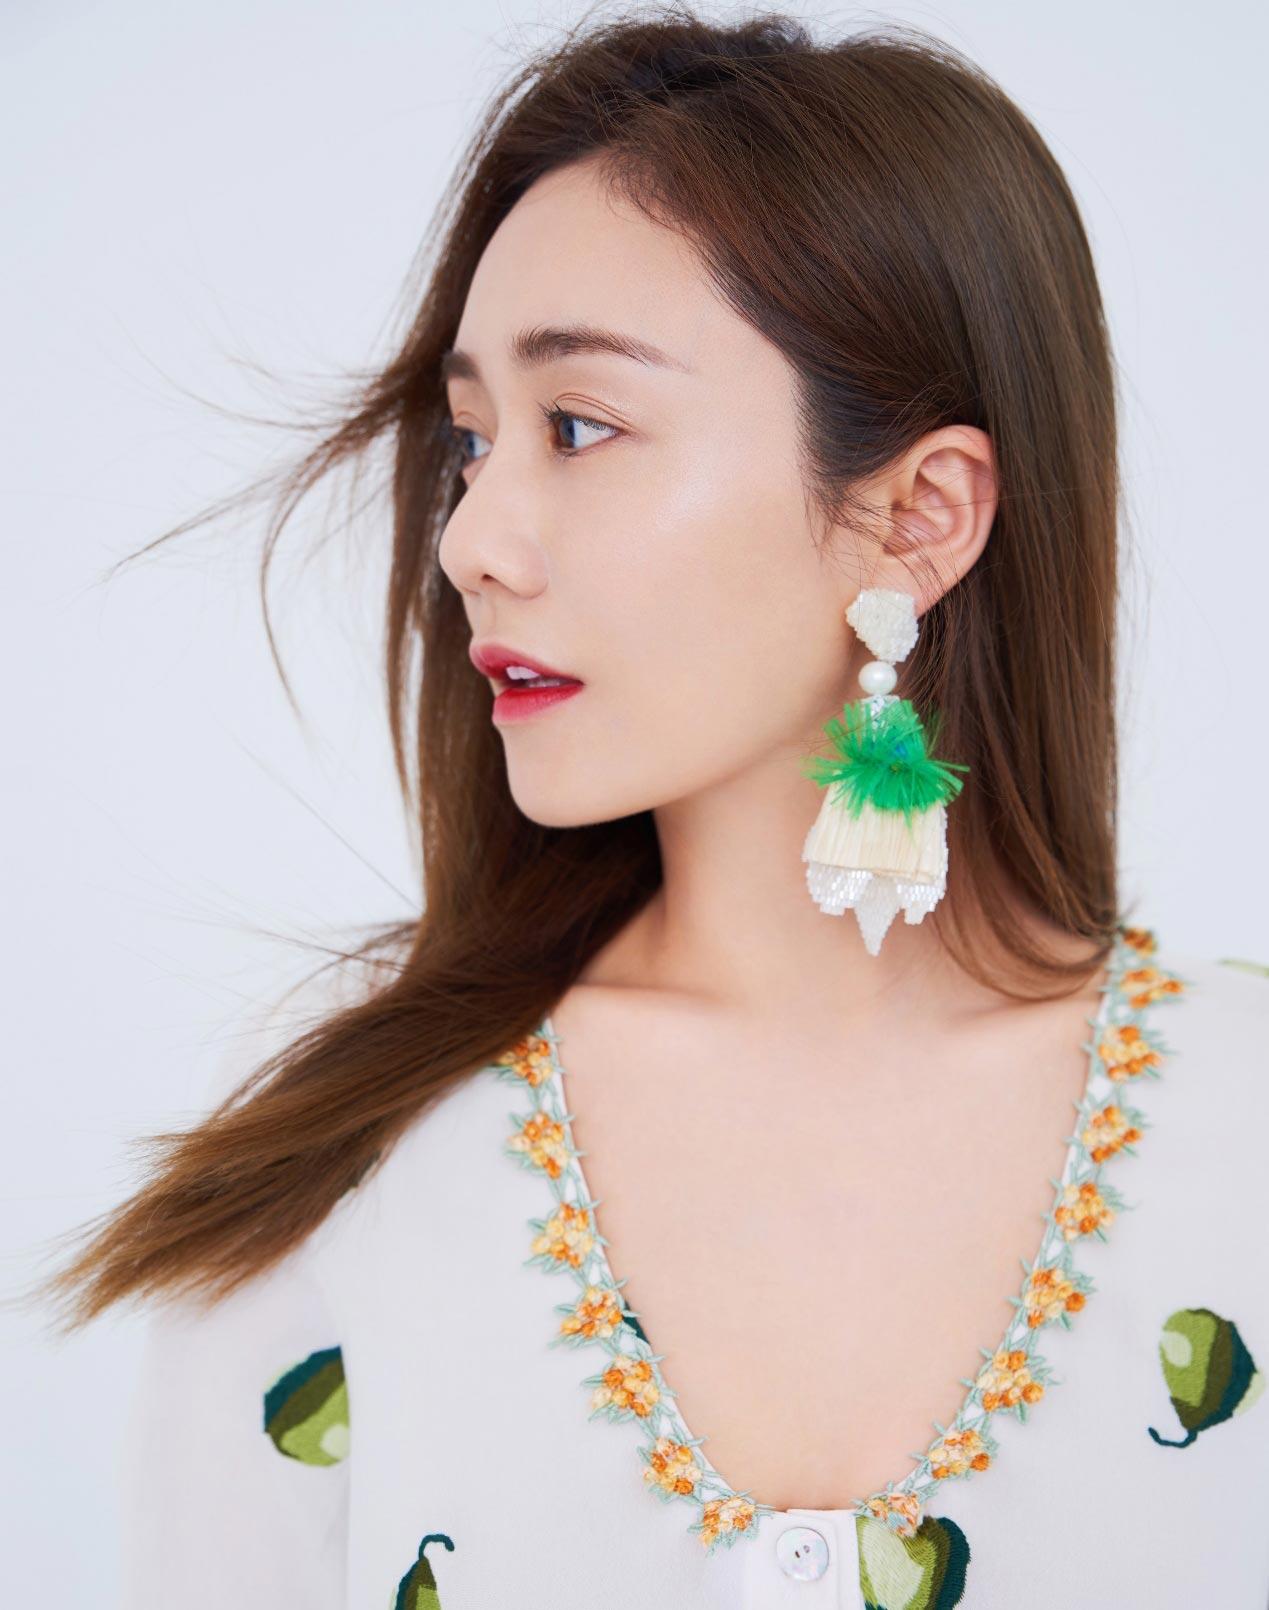 刘芸时尚大片上线 诠释清爽夏日风尚